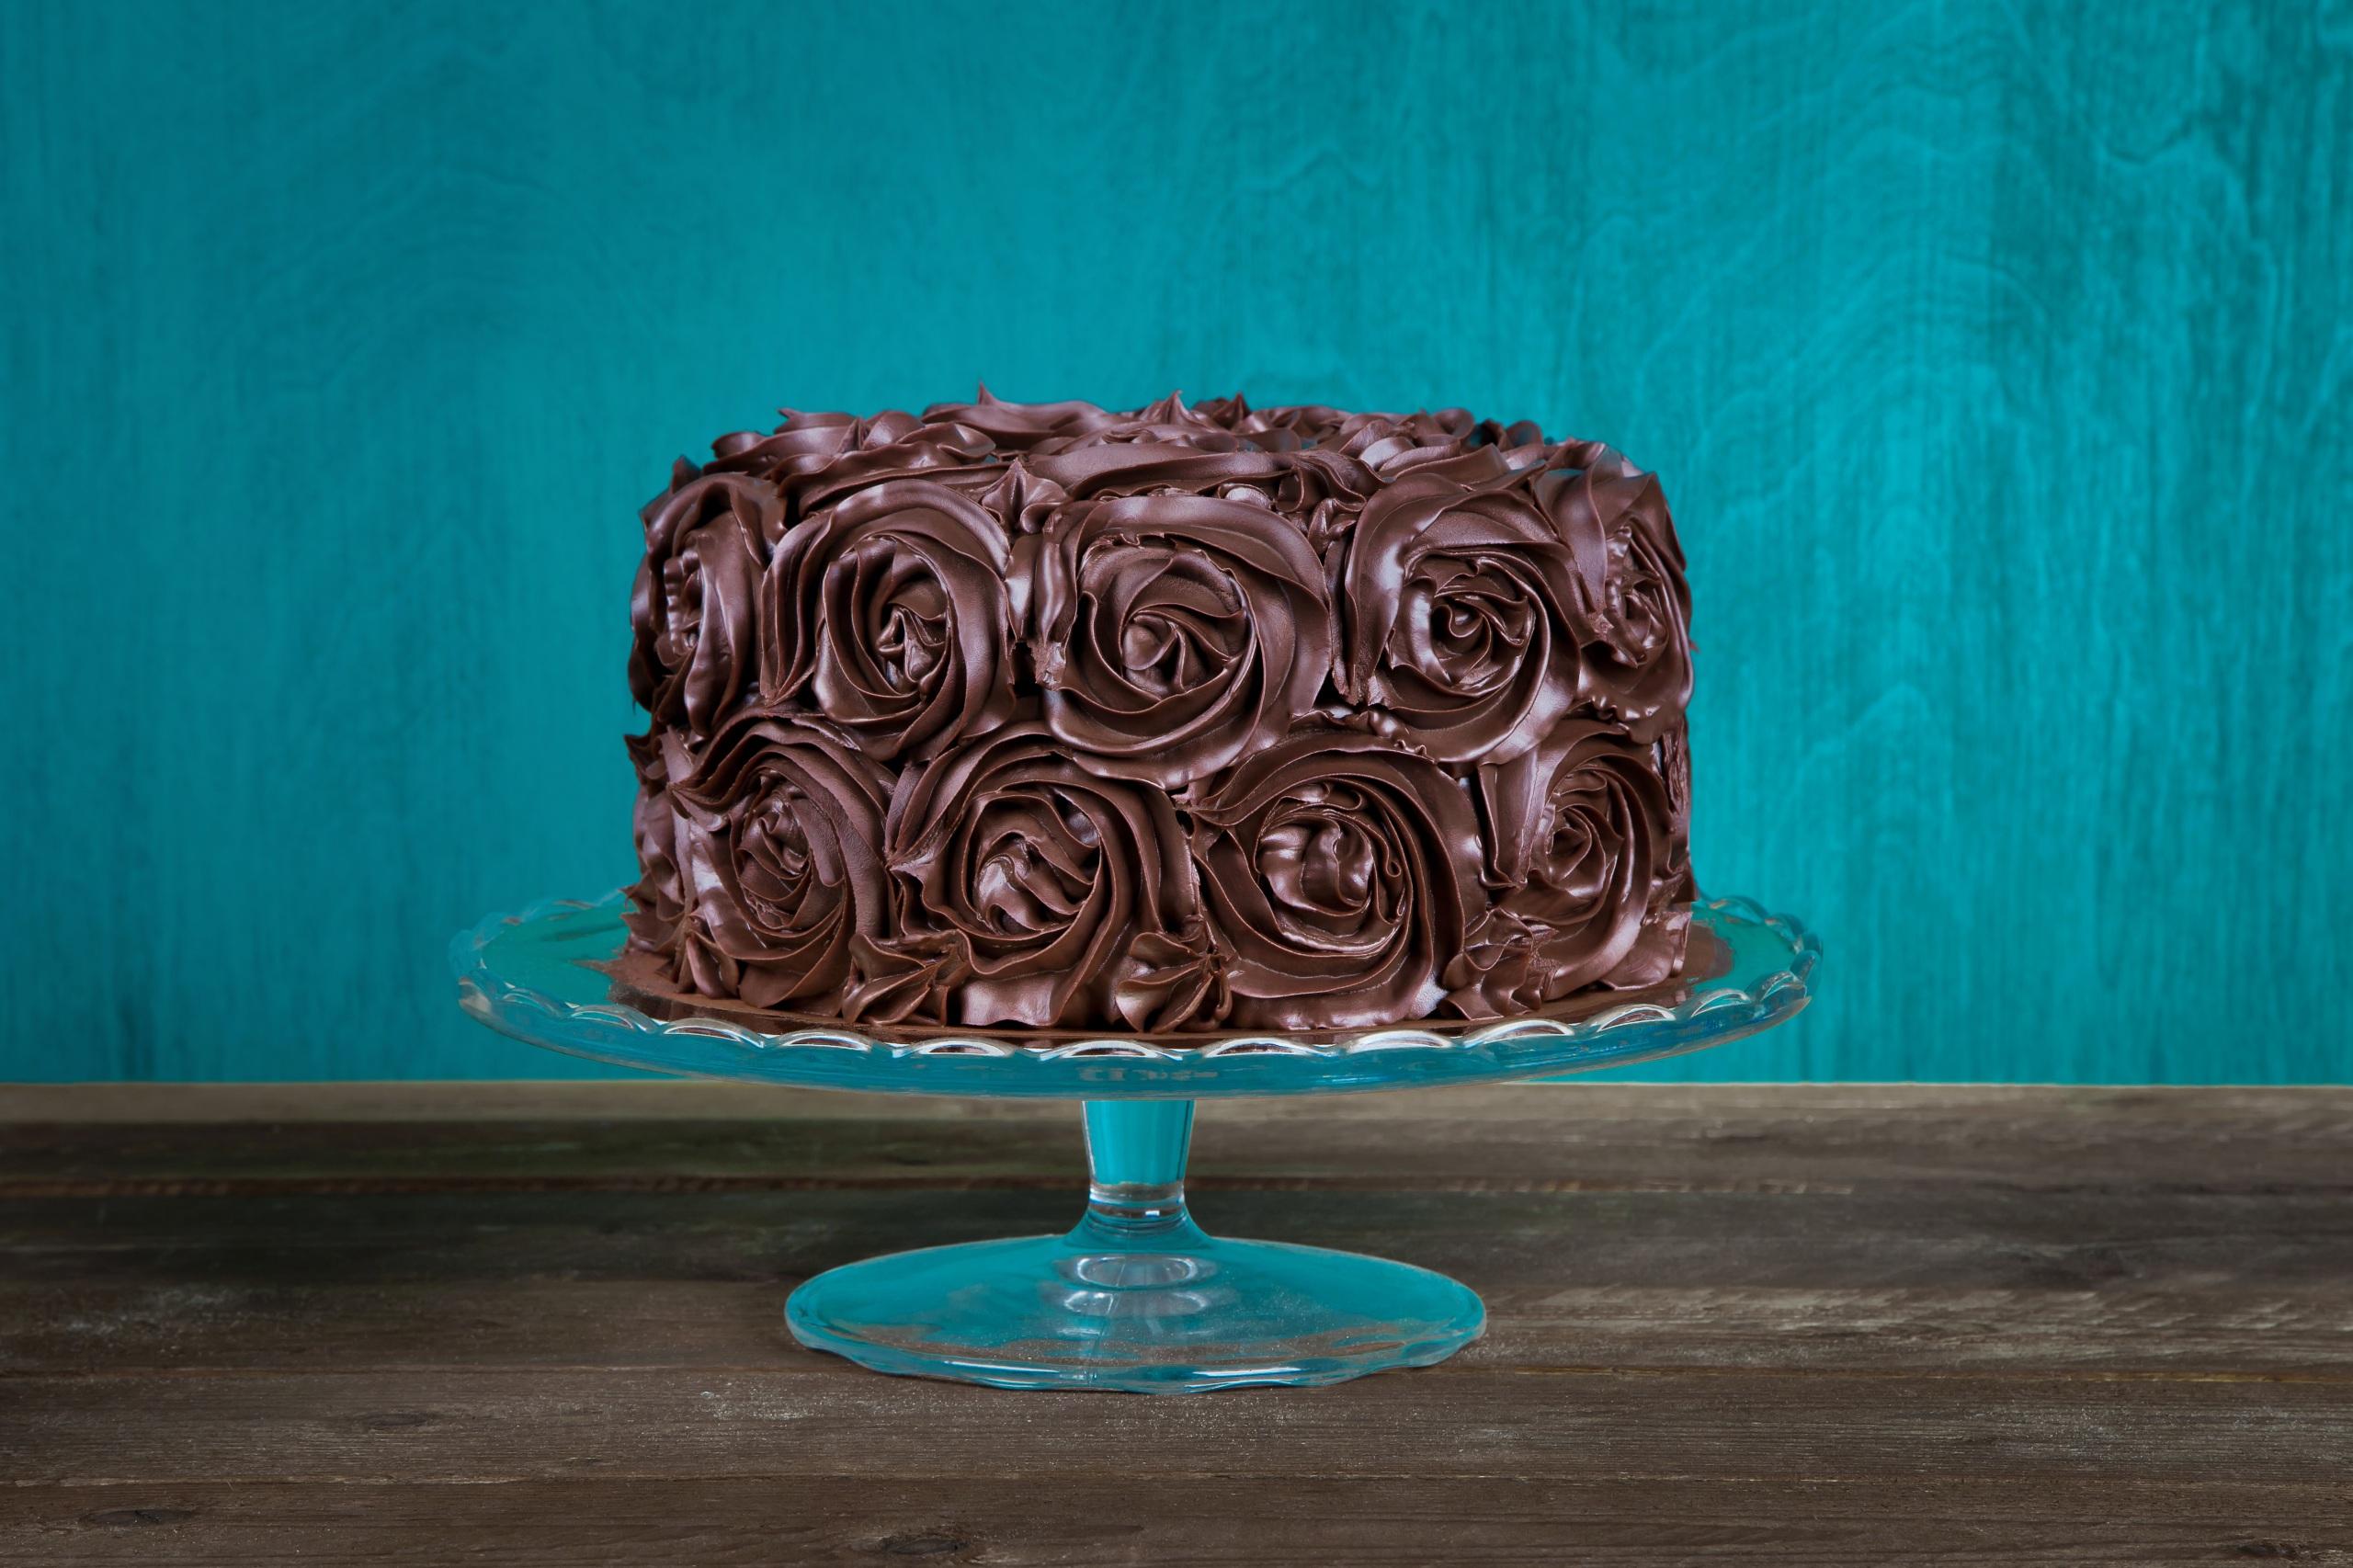 Картинка Шоколад Торты Продукты питания Сладости Дизайн 2560x1706 Еда Пища дизайна